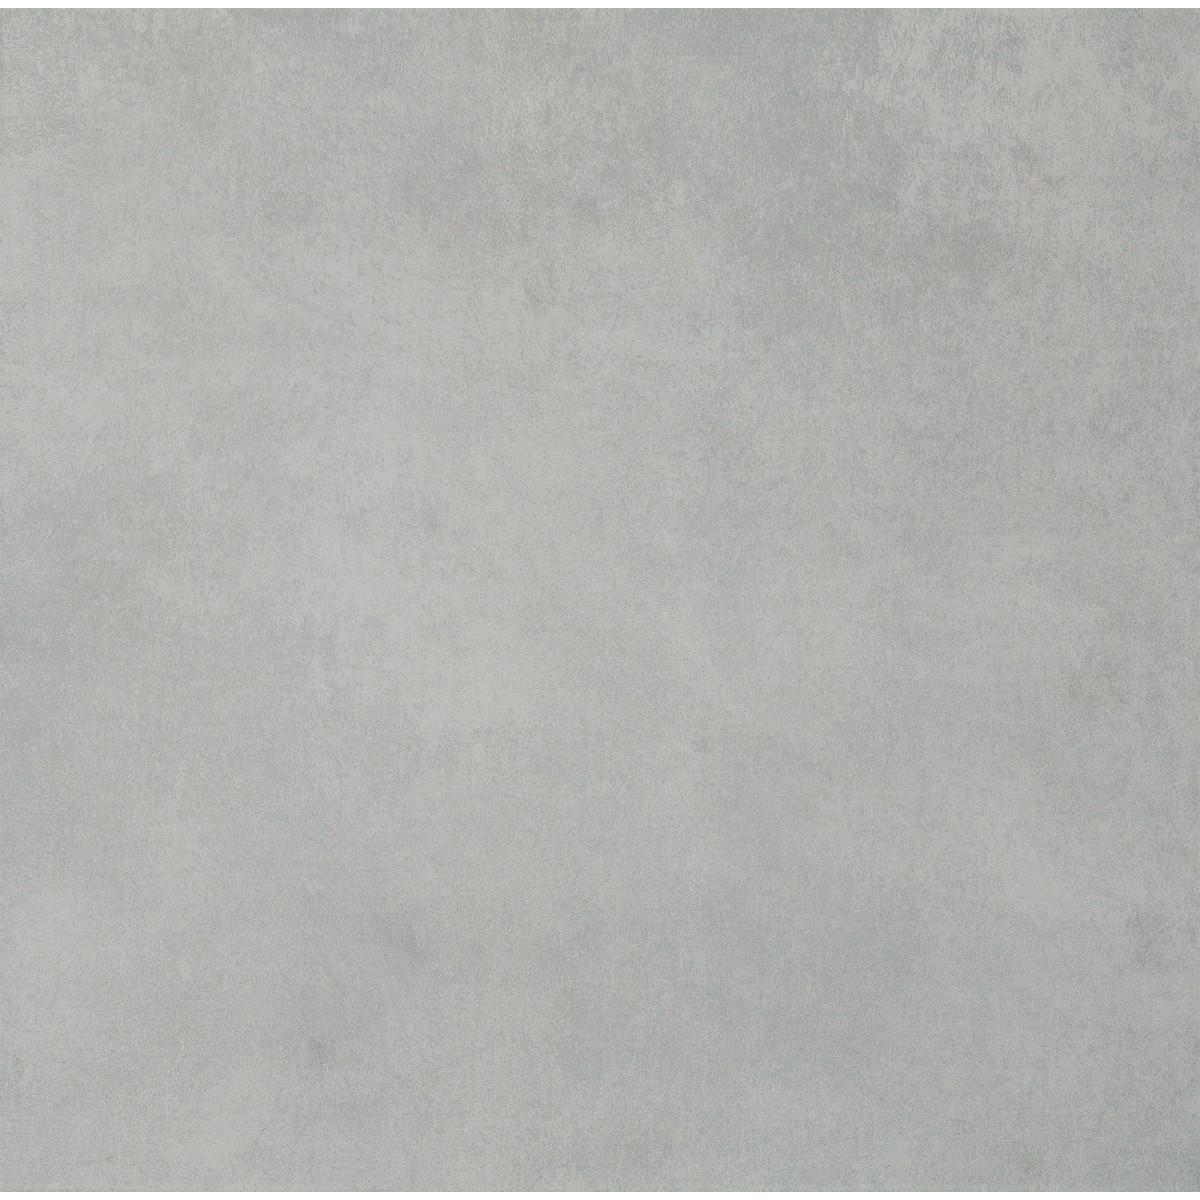 Керамогранит «Casablanca» 42х42 см 1.42 м2 цвет серый